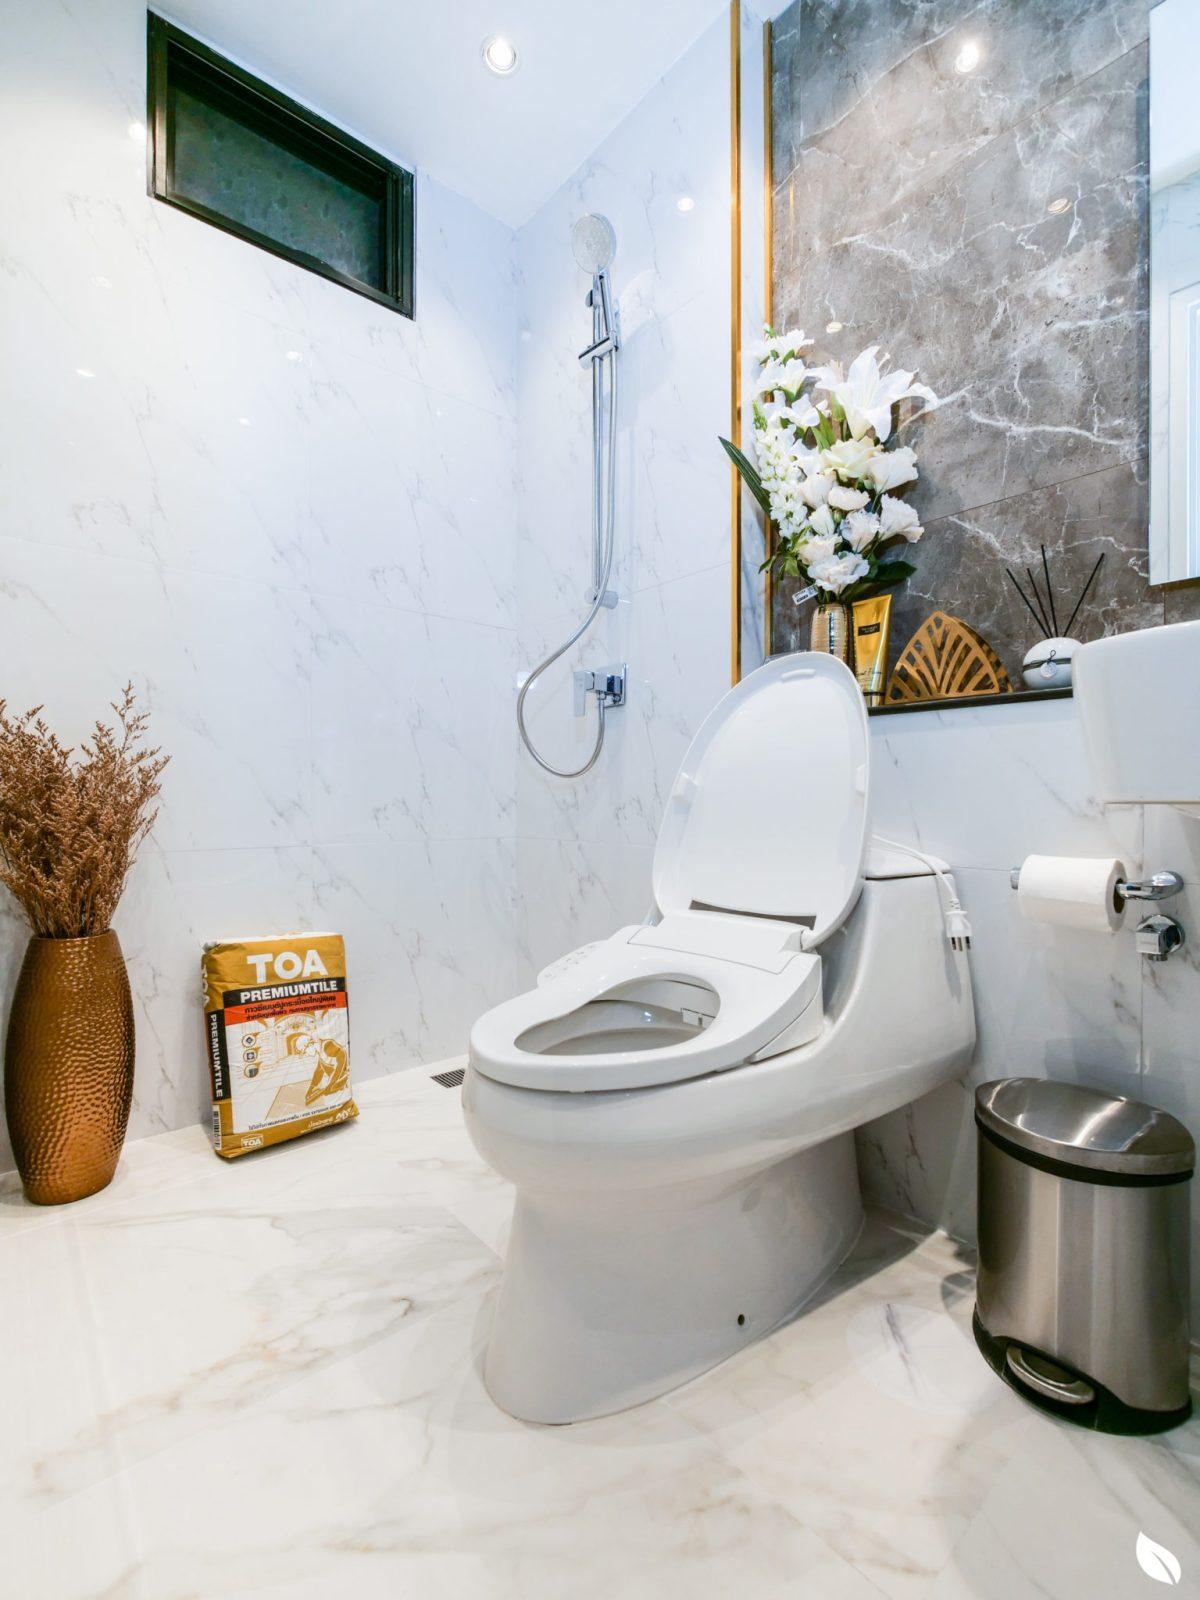 """4 ขั้นตอน """"รีโนเวทห้องน้ำขนาดเล็ก"""" ให้สวยใหม่ จบงานไวใน 2 วัน แบบปูกระเบื้องทับ ไม่ต้องรื้อ 79 - bathroom"""